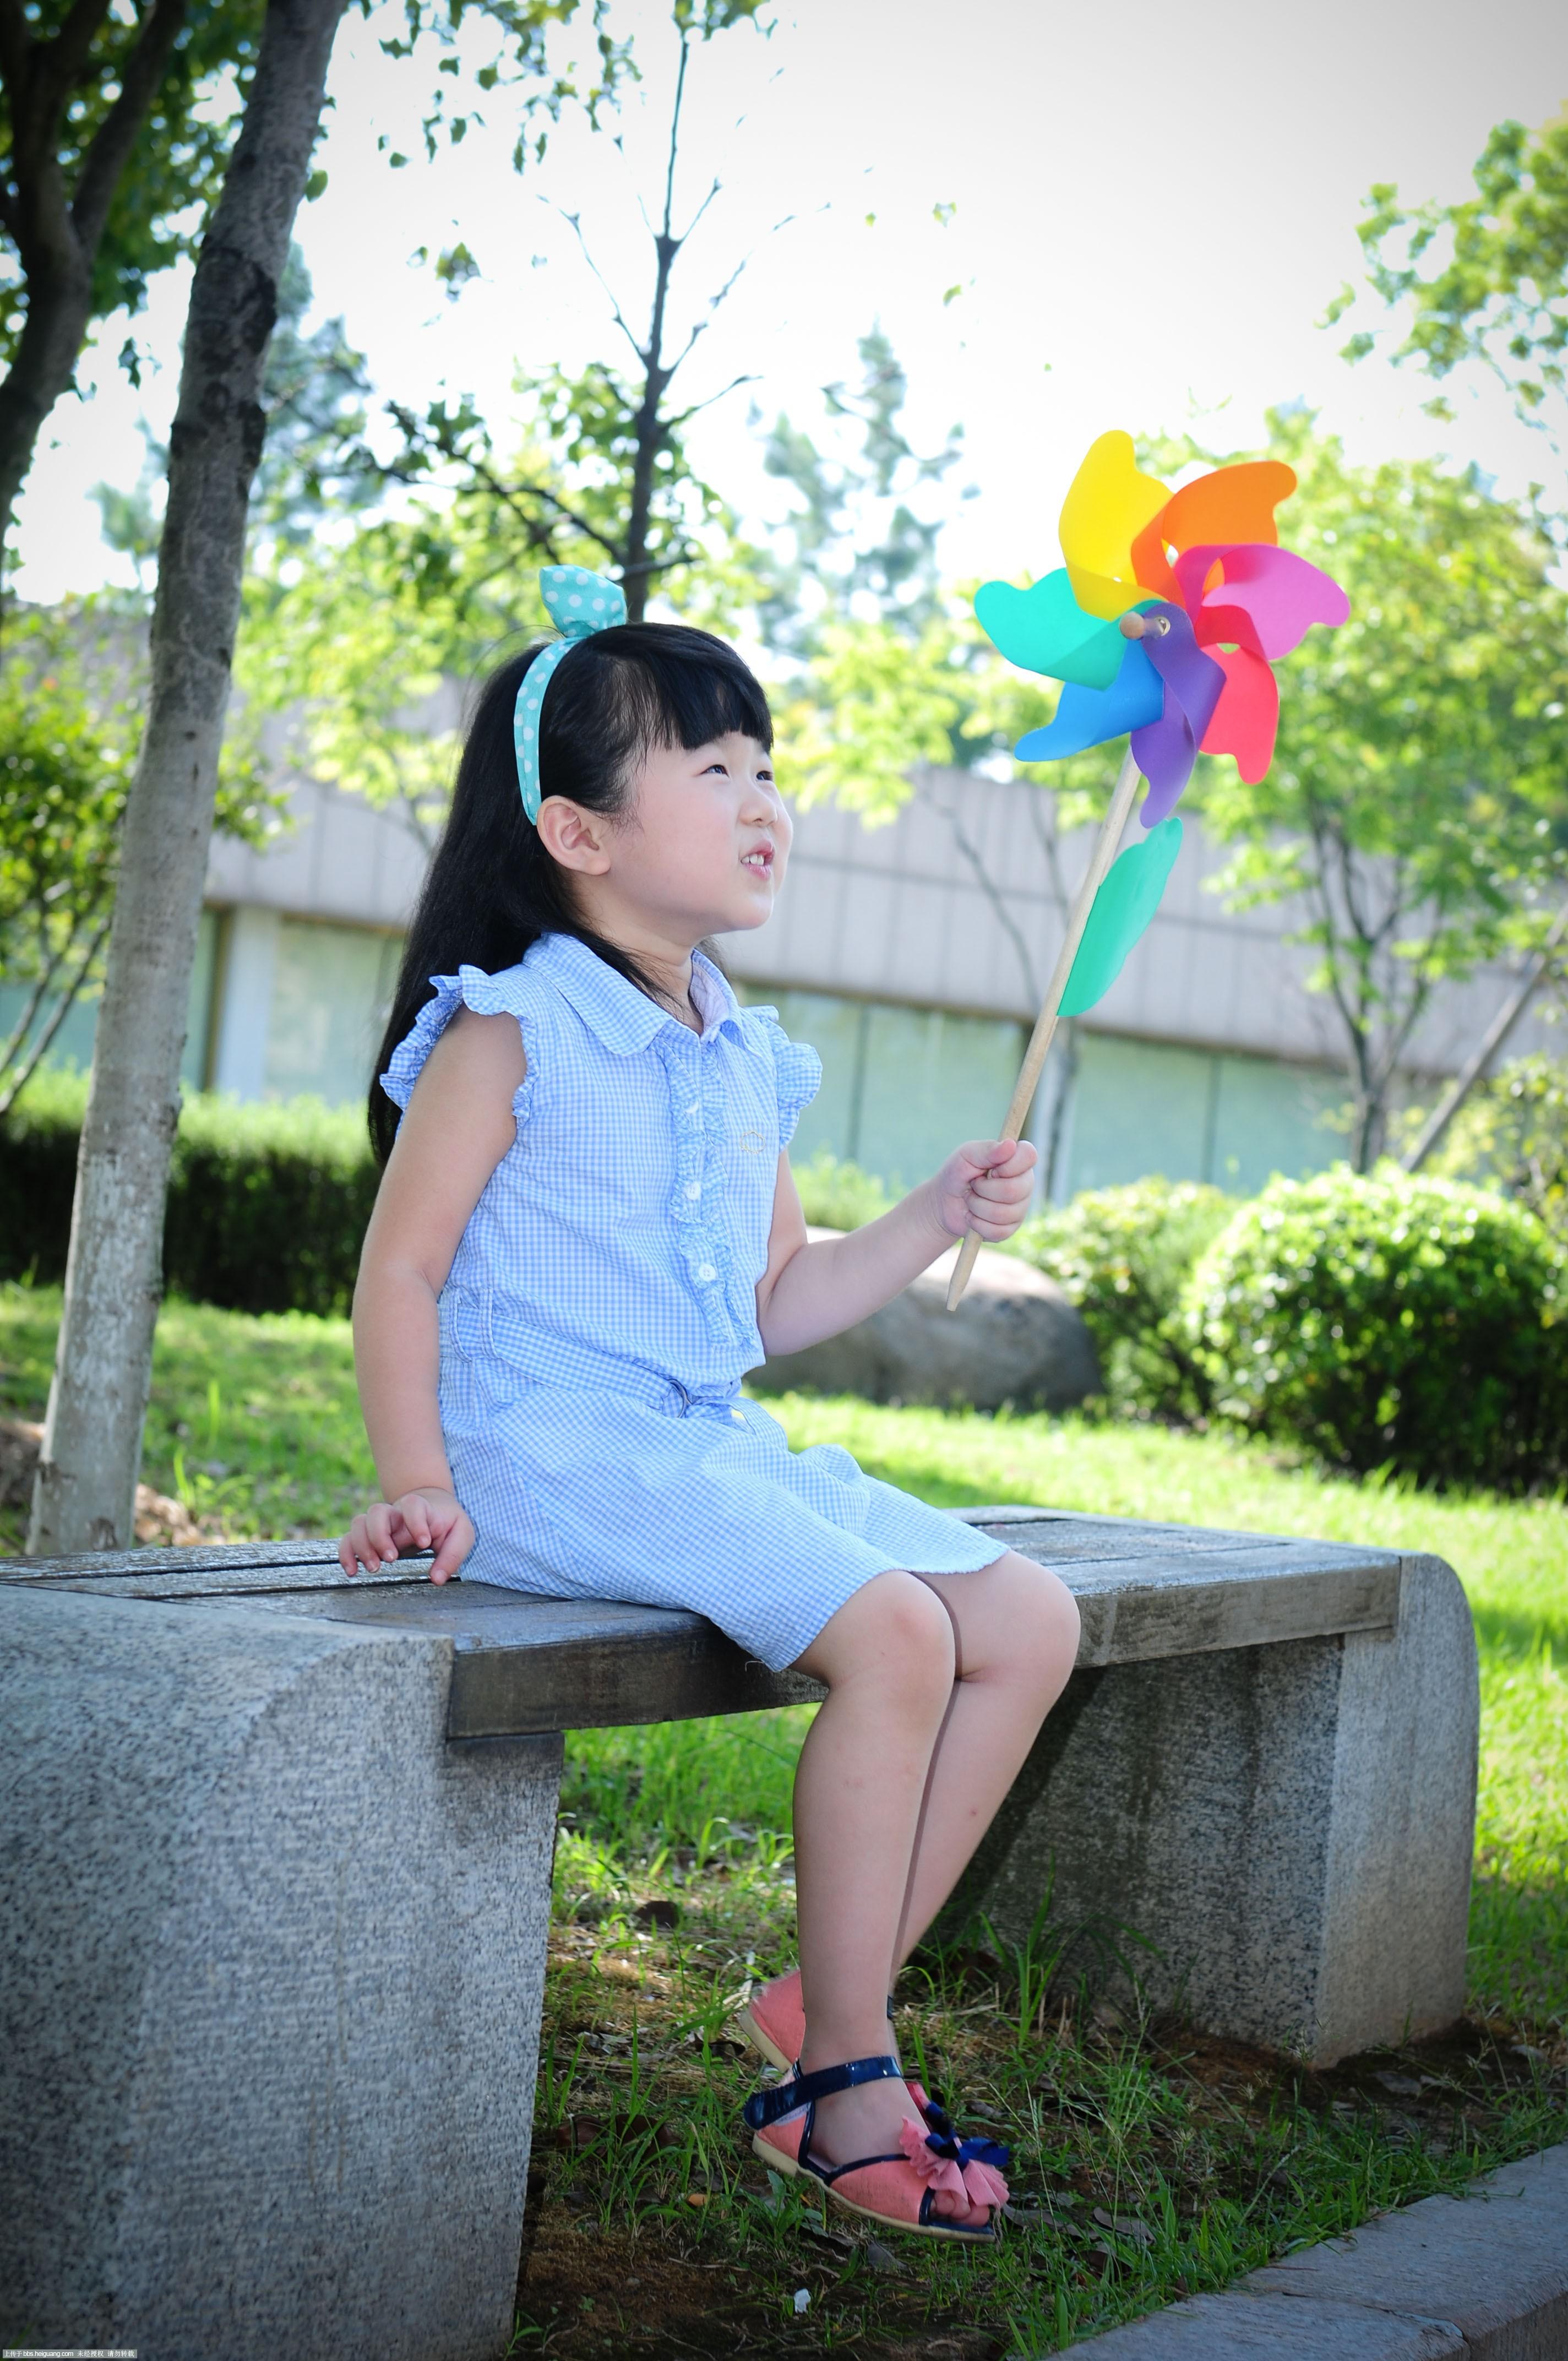 可爱女孩的美丽童年